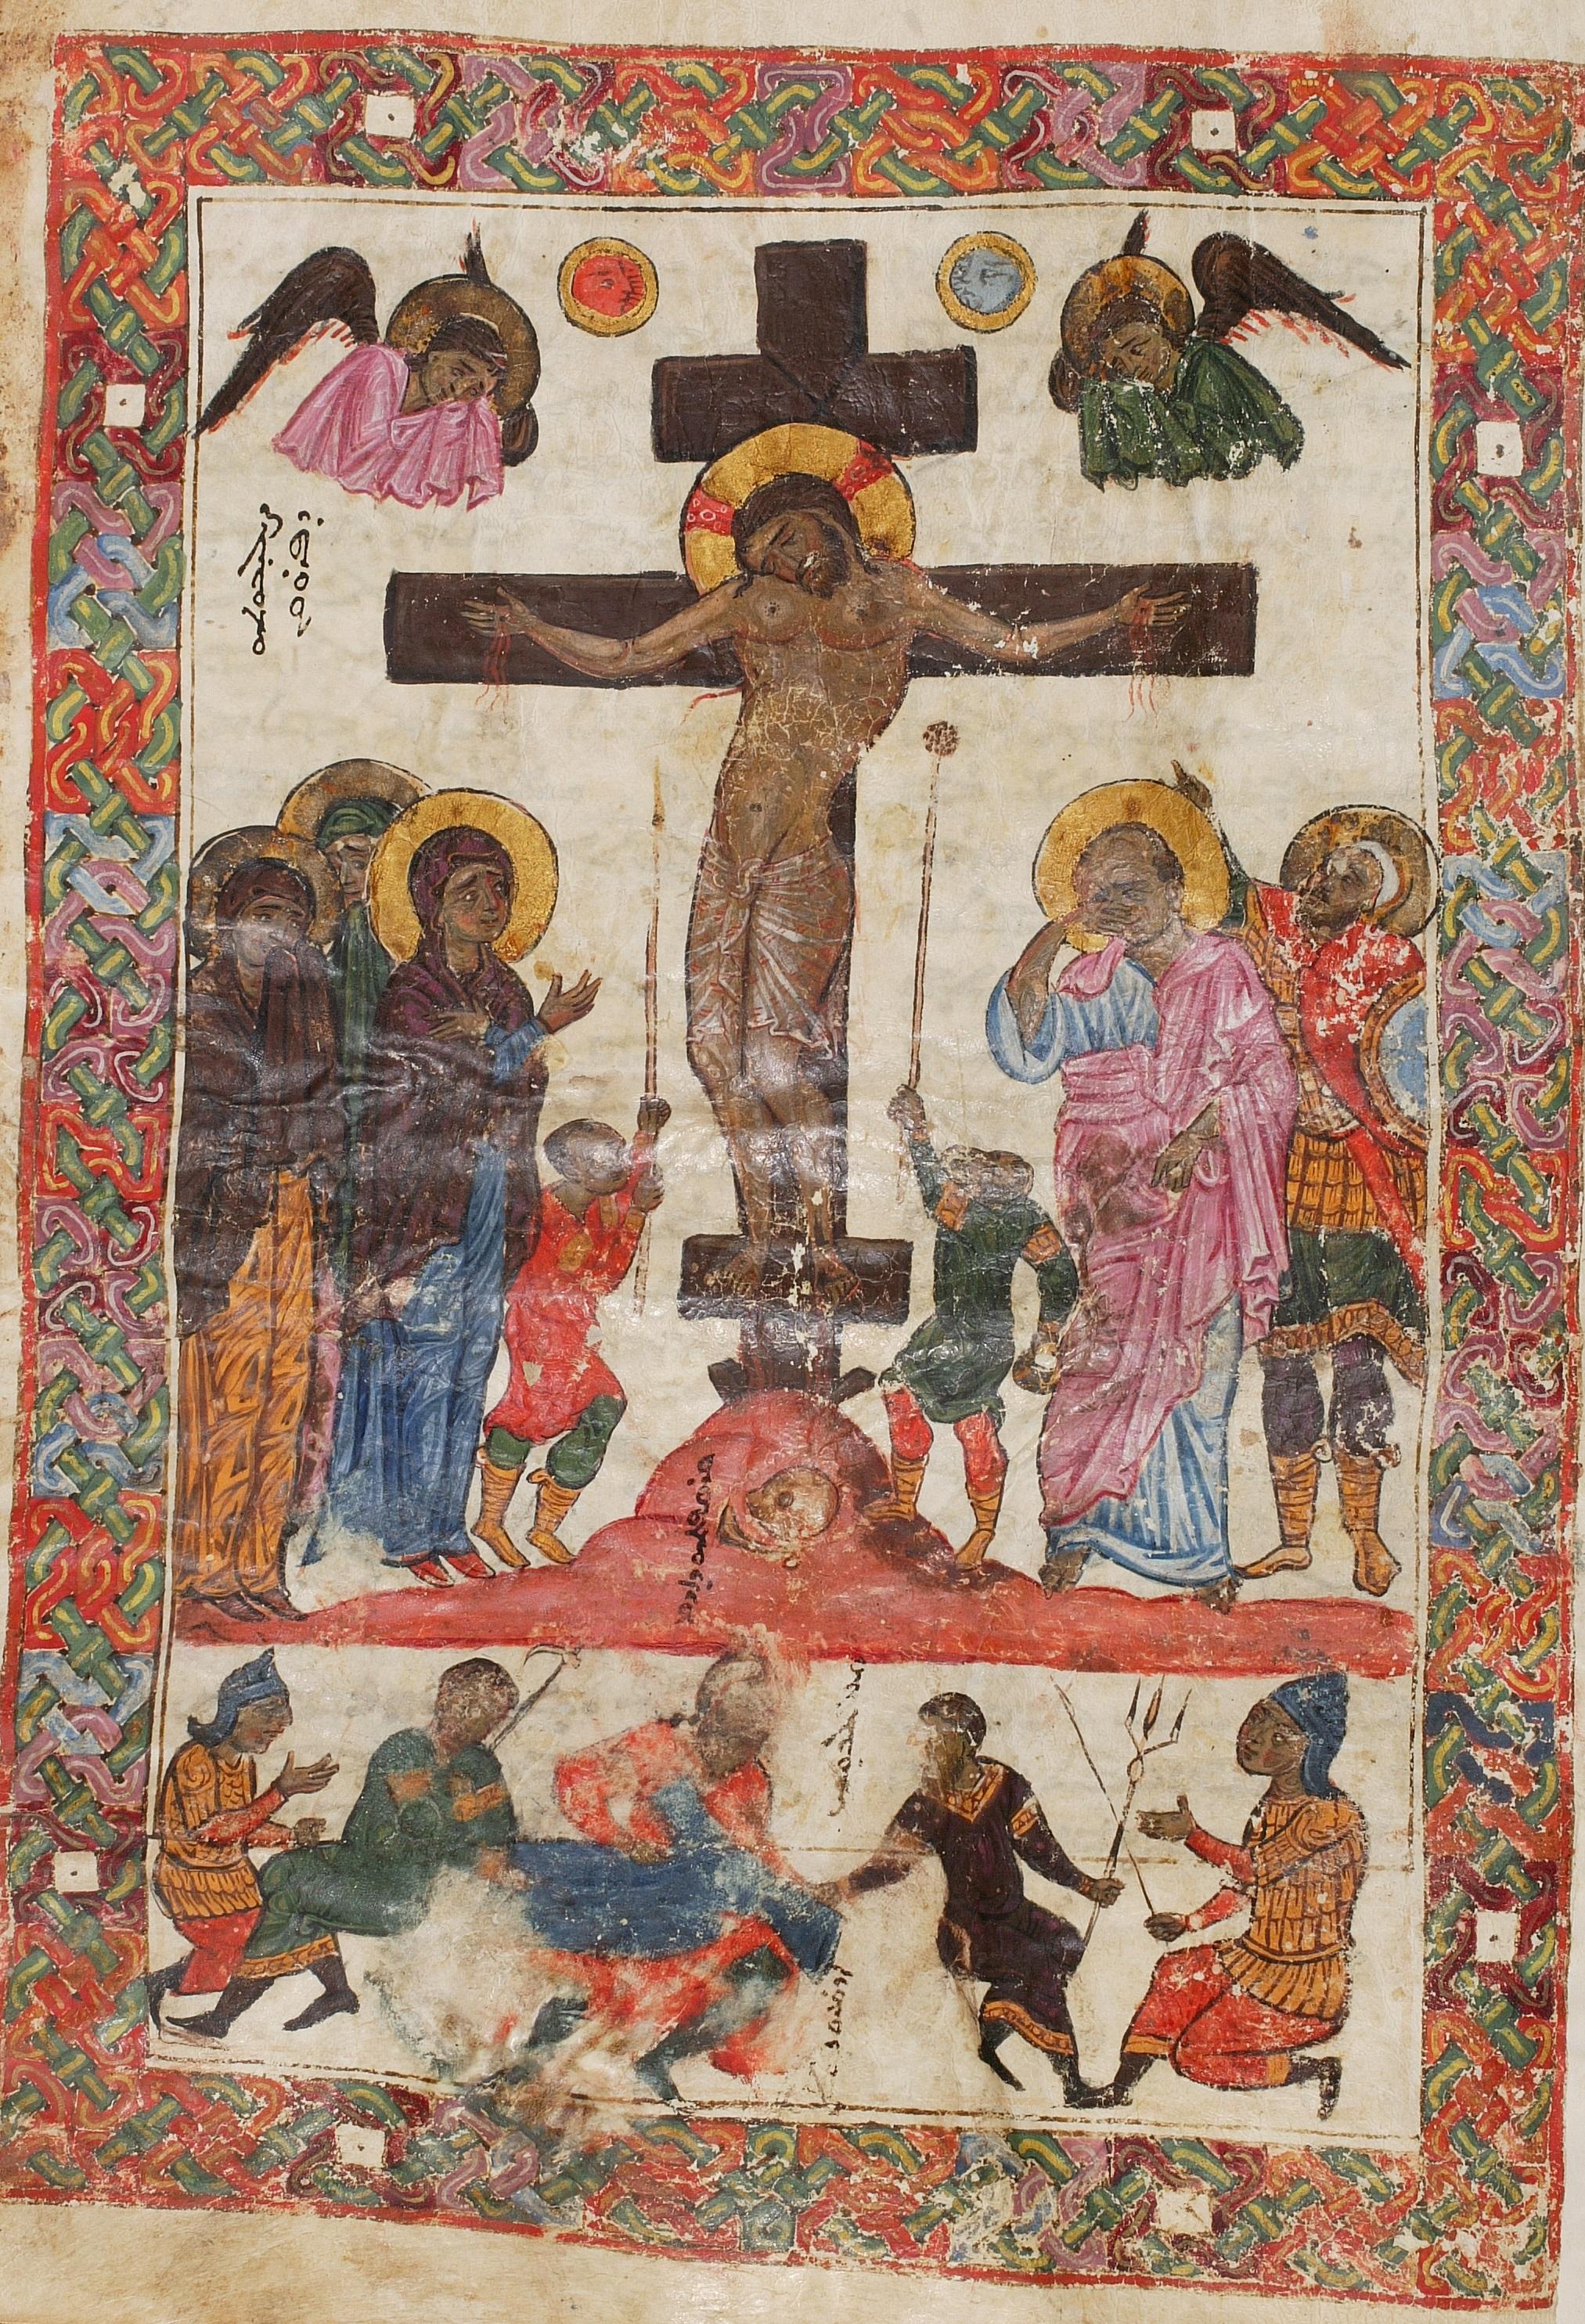 CFMM 41, f. 157r [13th c.]